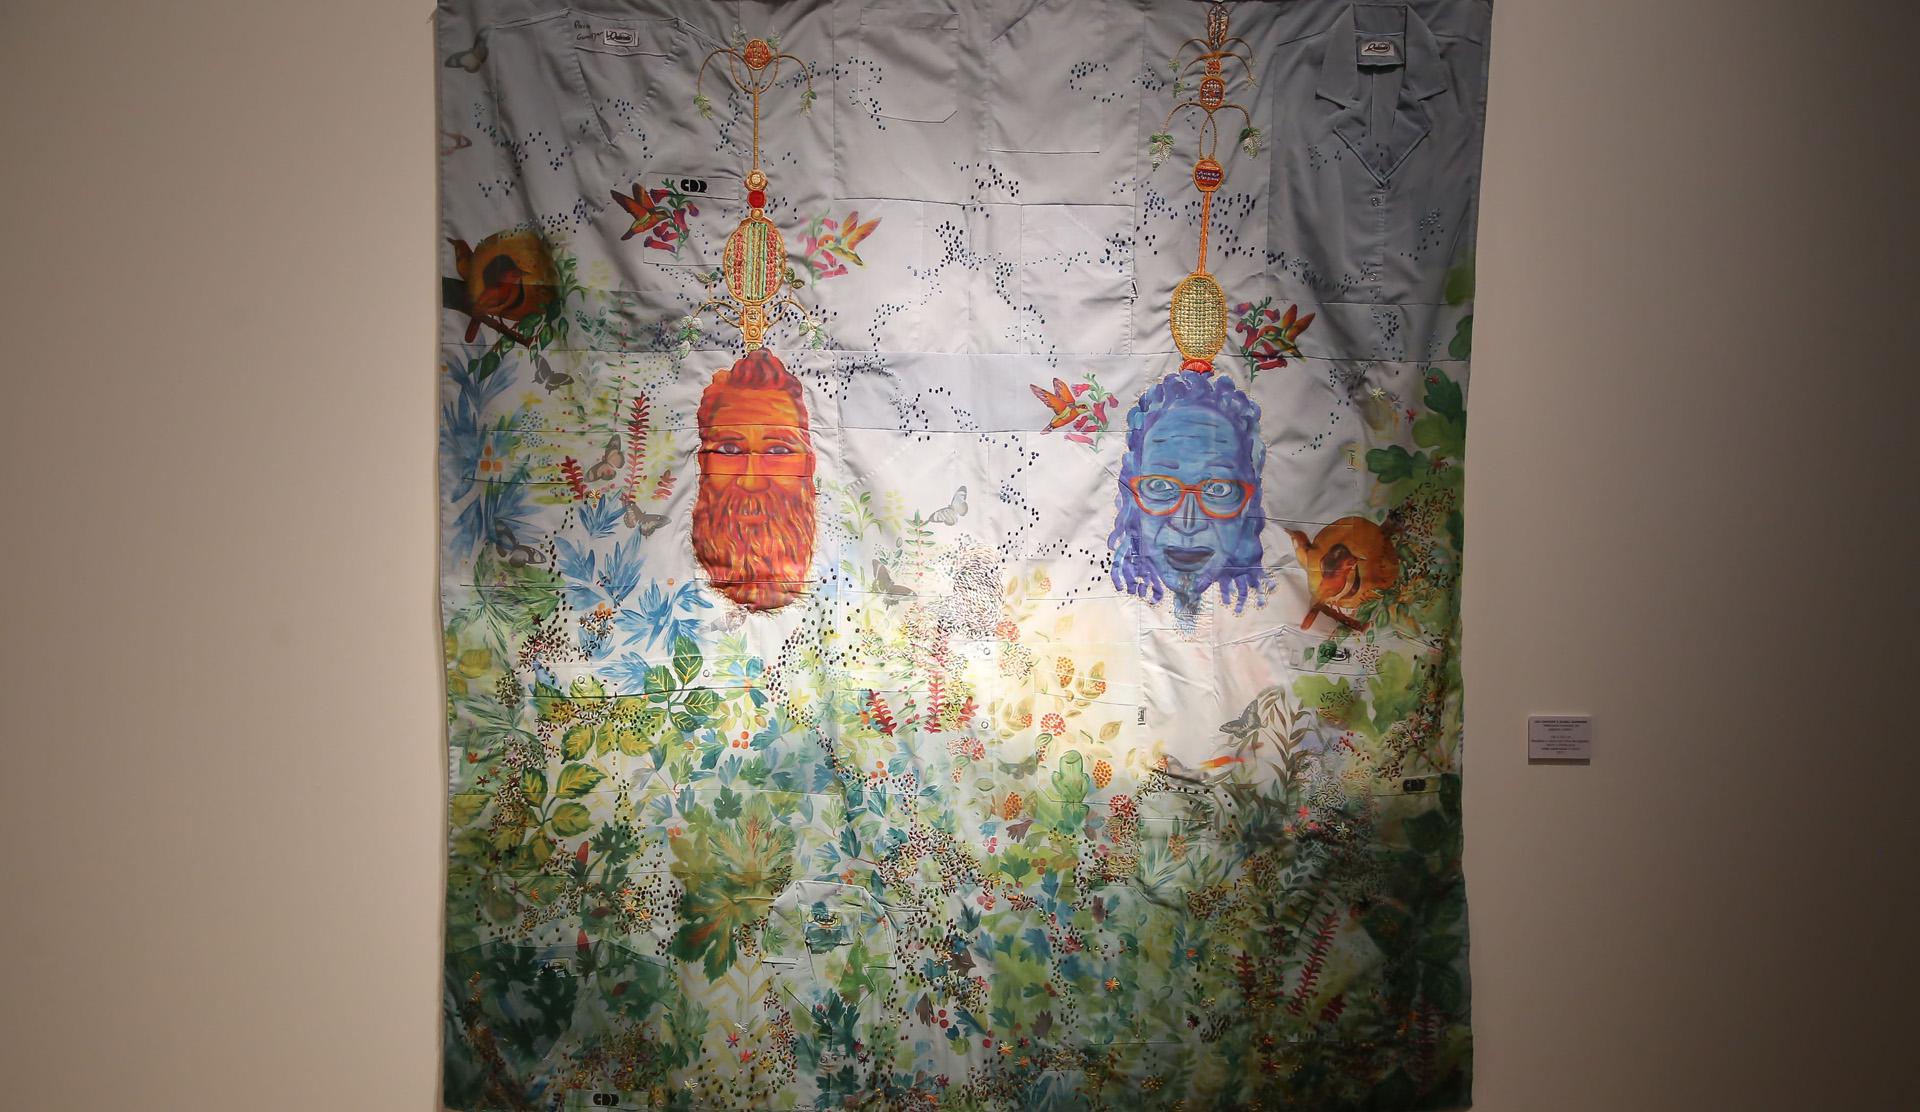 """La obra de Leo Chiachio y Daniel Giannone, """"Máscaras rodeadas de pájaros y selvas"""", donde los artistas volcaron su imaginación a través del bordado de guardapolvos médicos"""